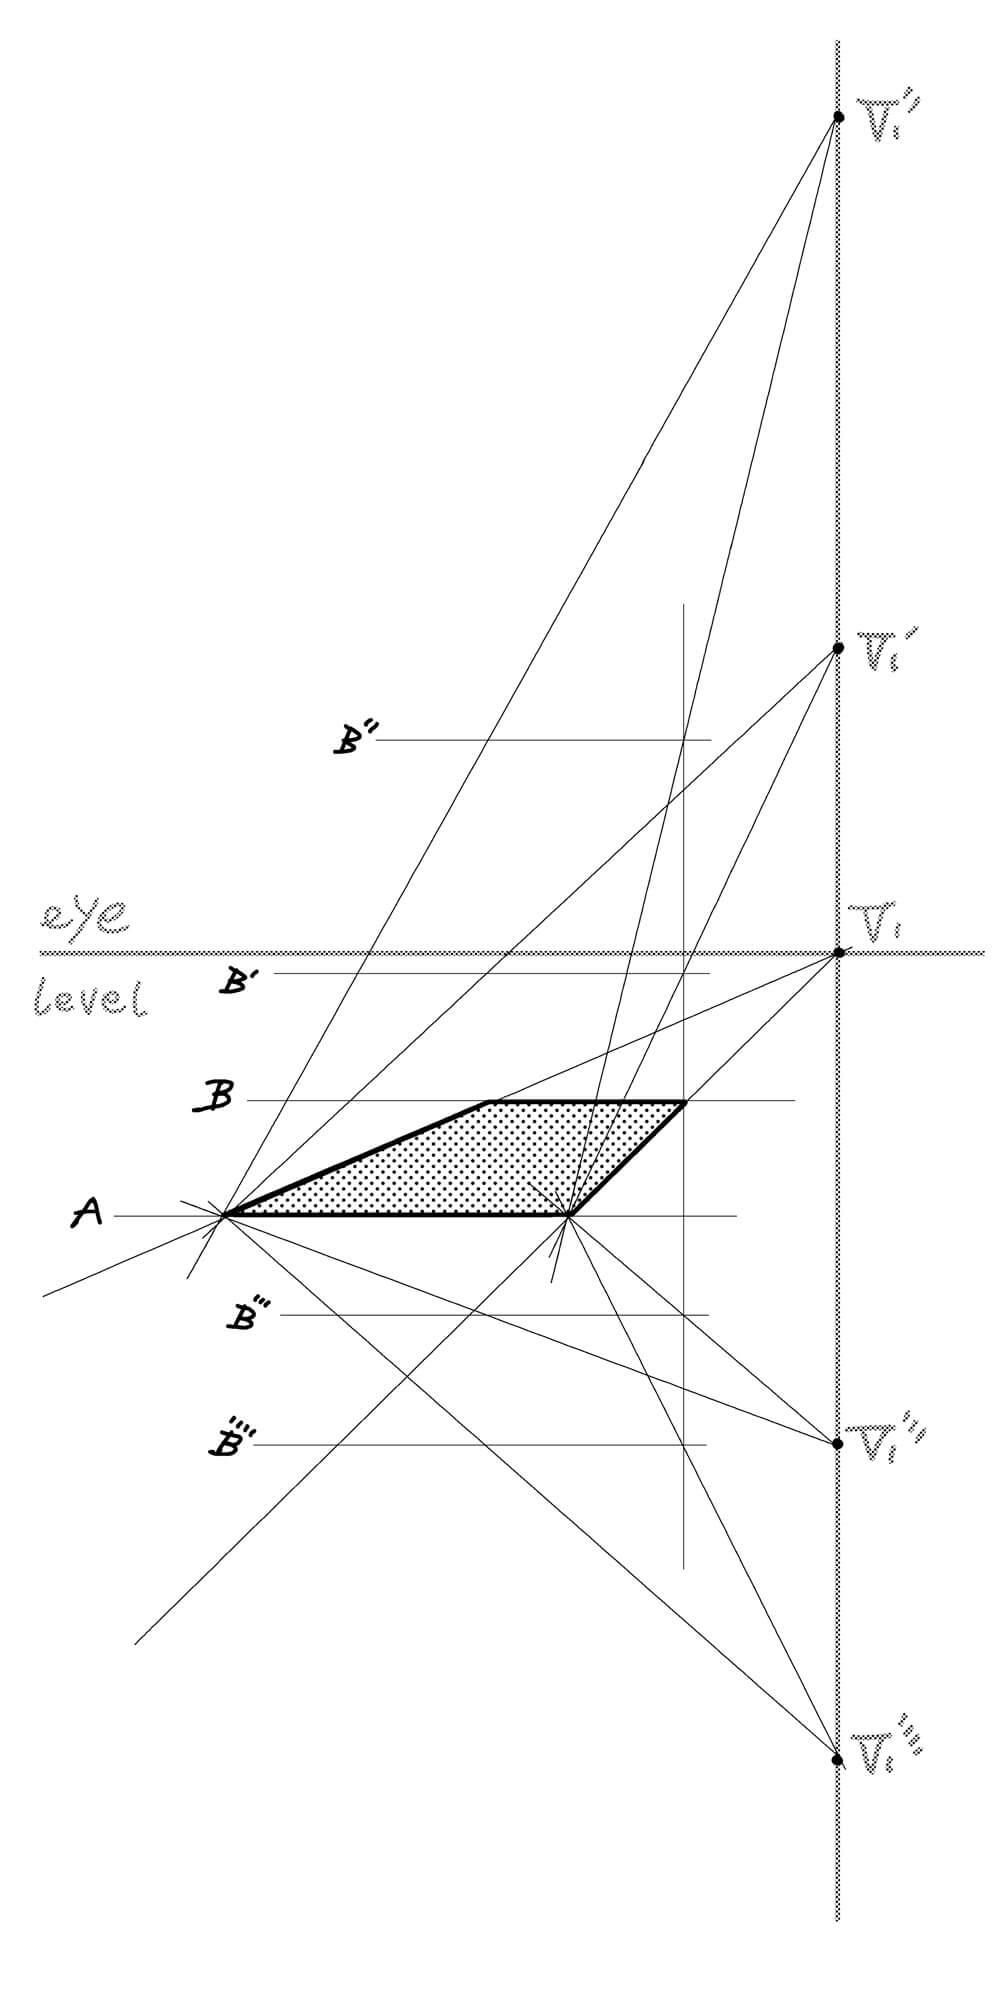 ③ 位置Bからの垂直の補助線で、坂の終わりの位置を決める